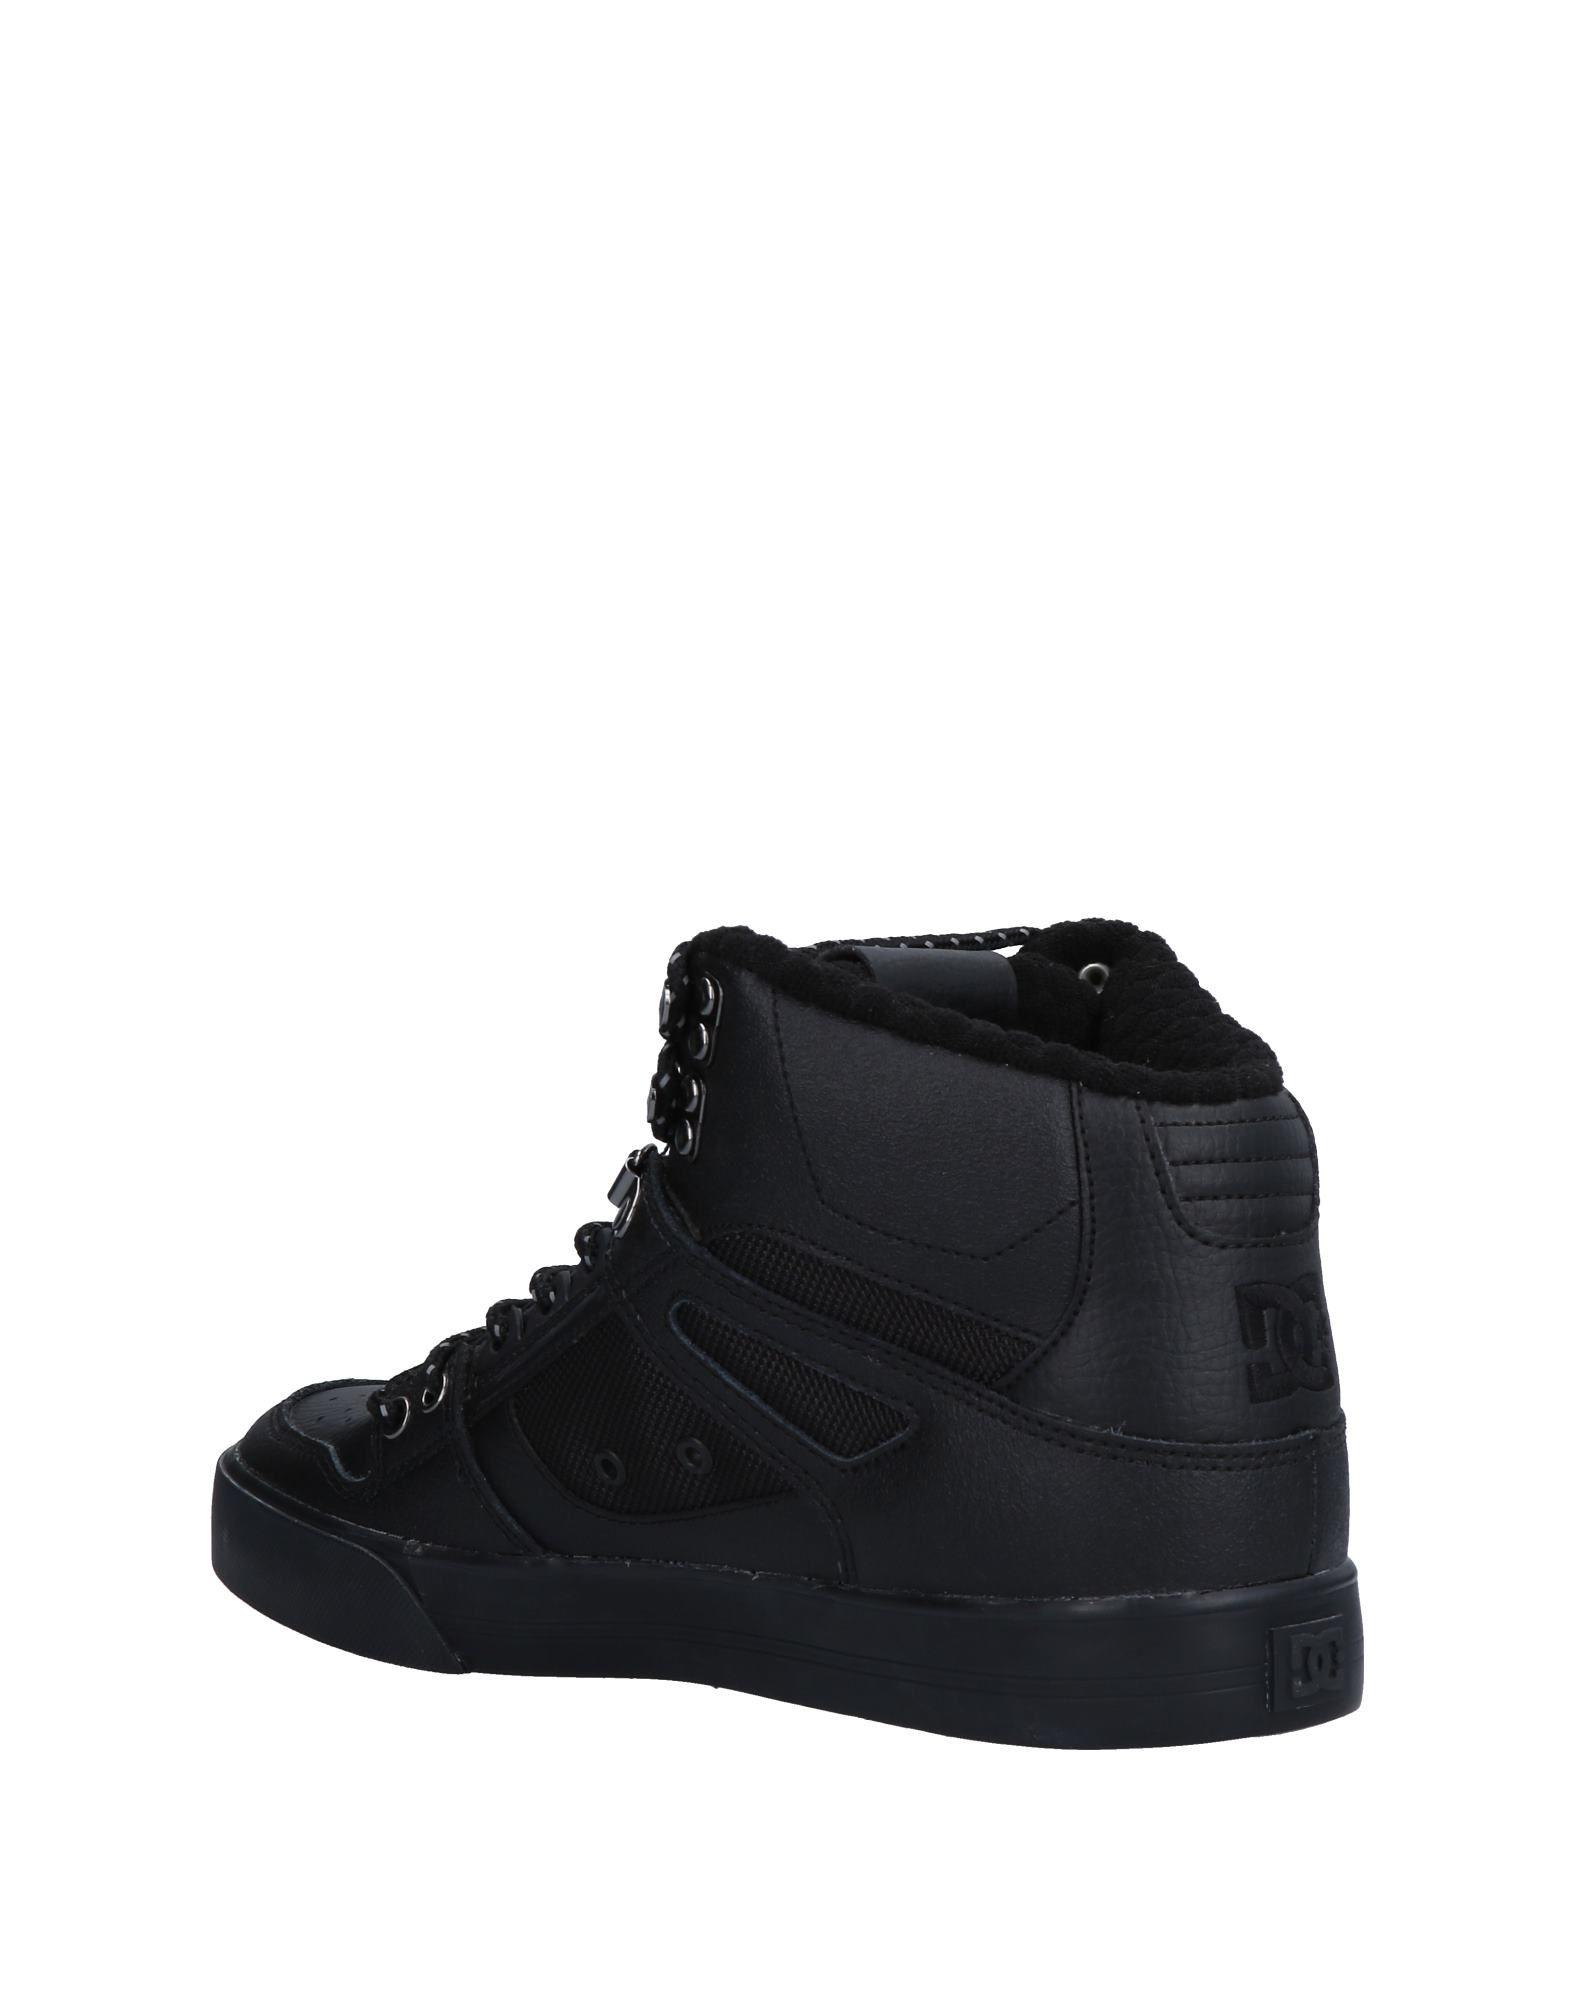 Rabatt echte Schuhe  Dc Shoecousa Sneakers Herren  Schuhe 11509650BQ 33b13a